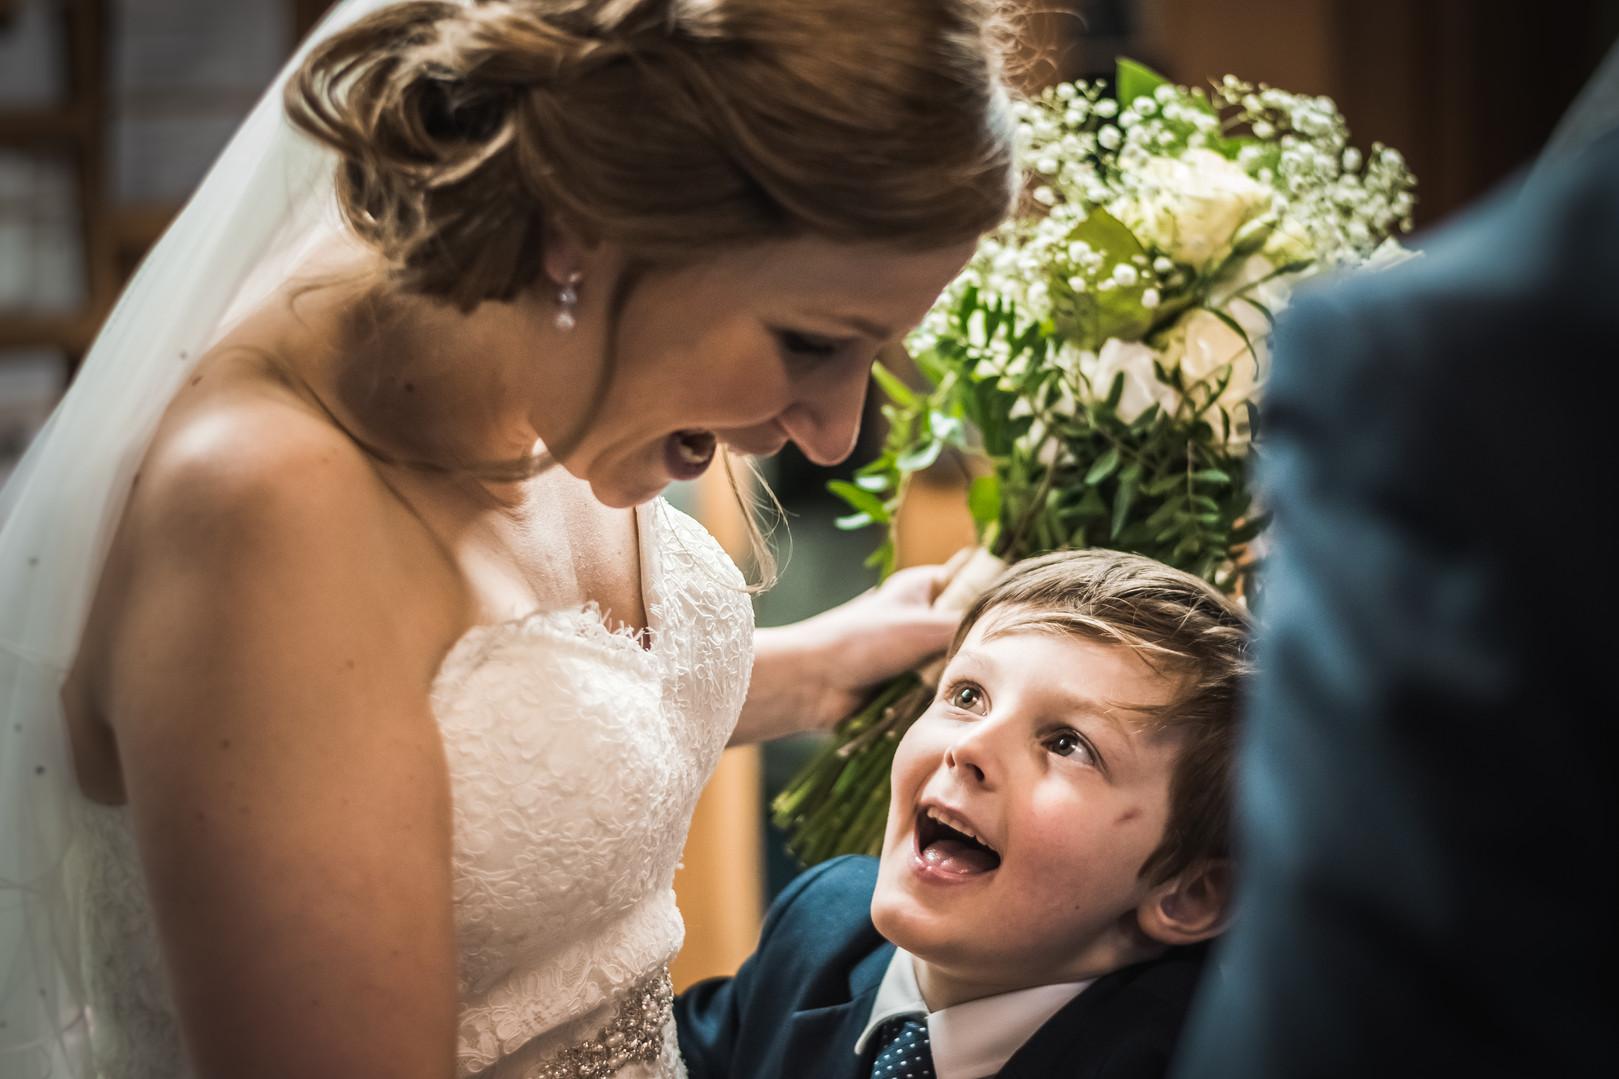 A young boy smiles gleefully at a bride.